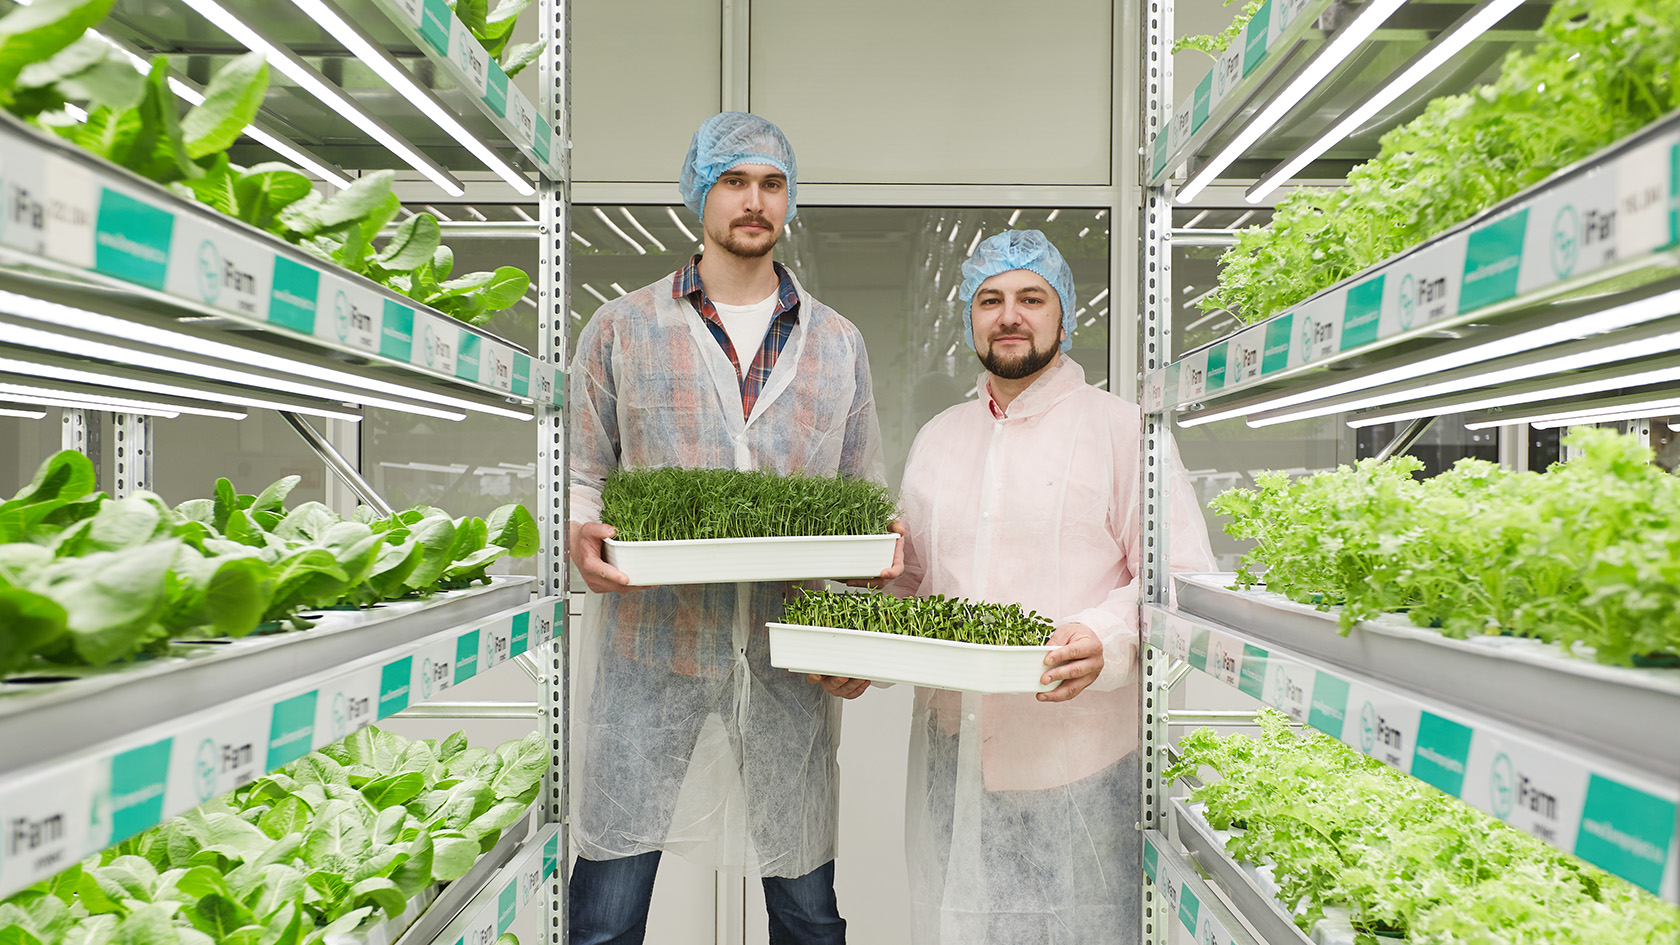 Открытие новой вертикальной фермы в магазине ICA Maxi